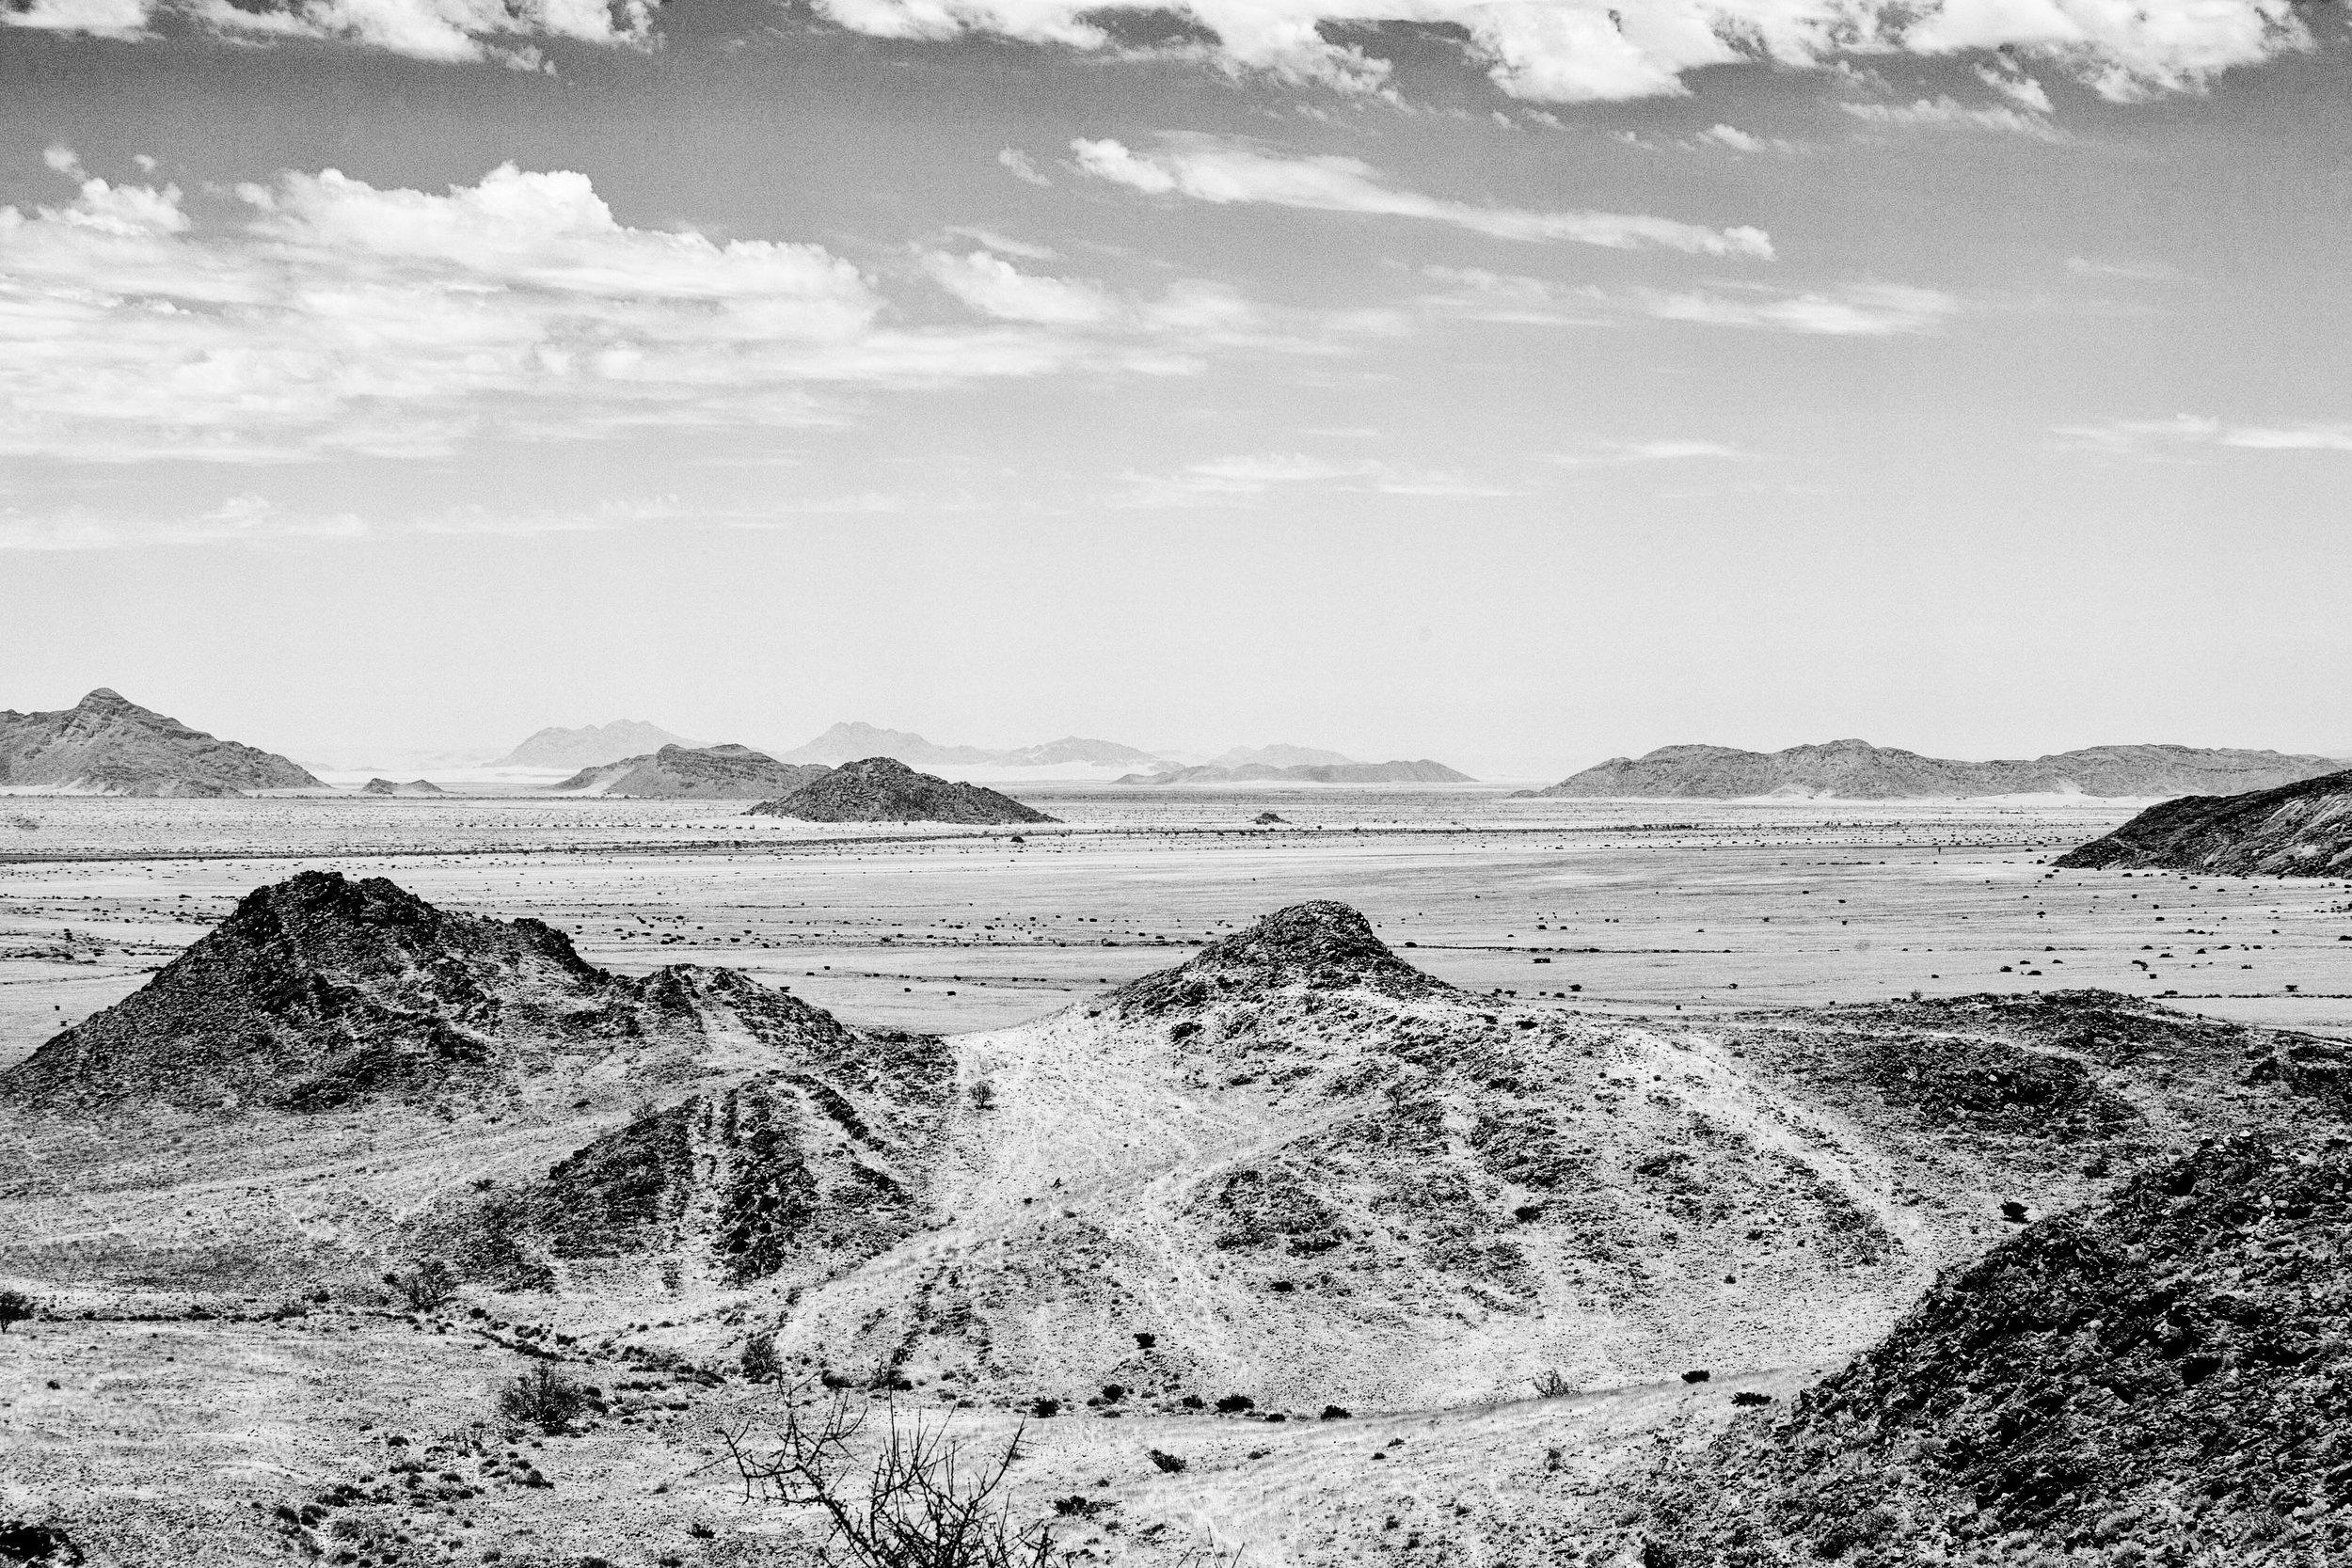 _MG_5805-namib-desert-2.jpg